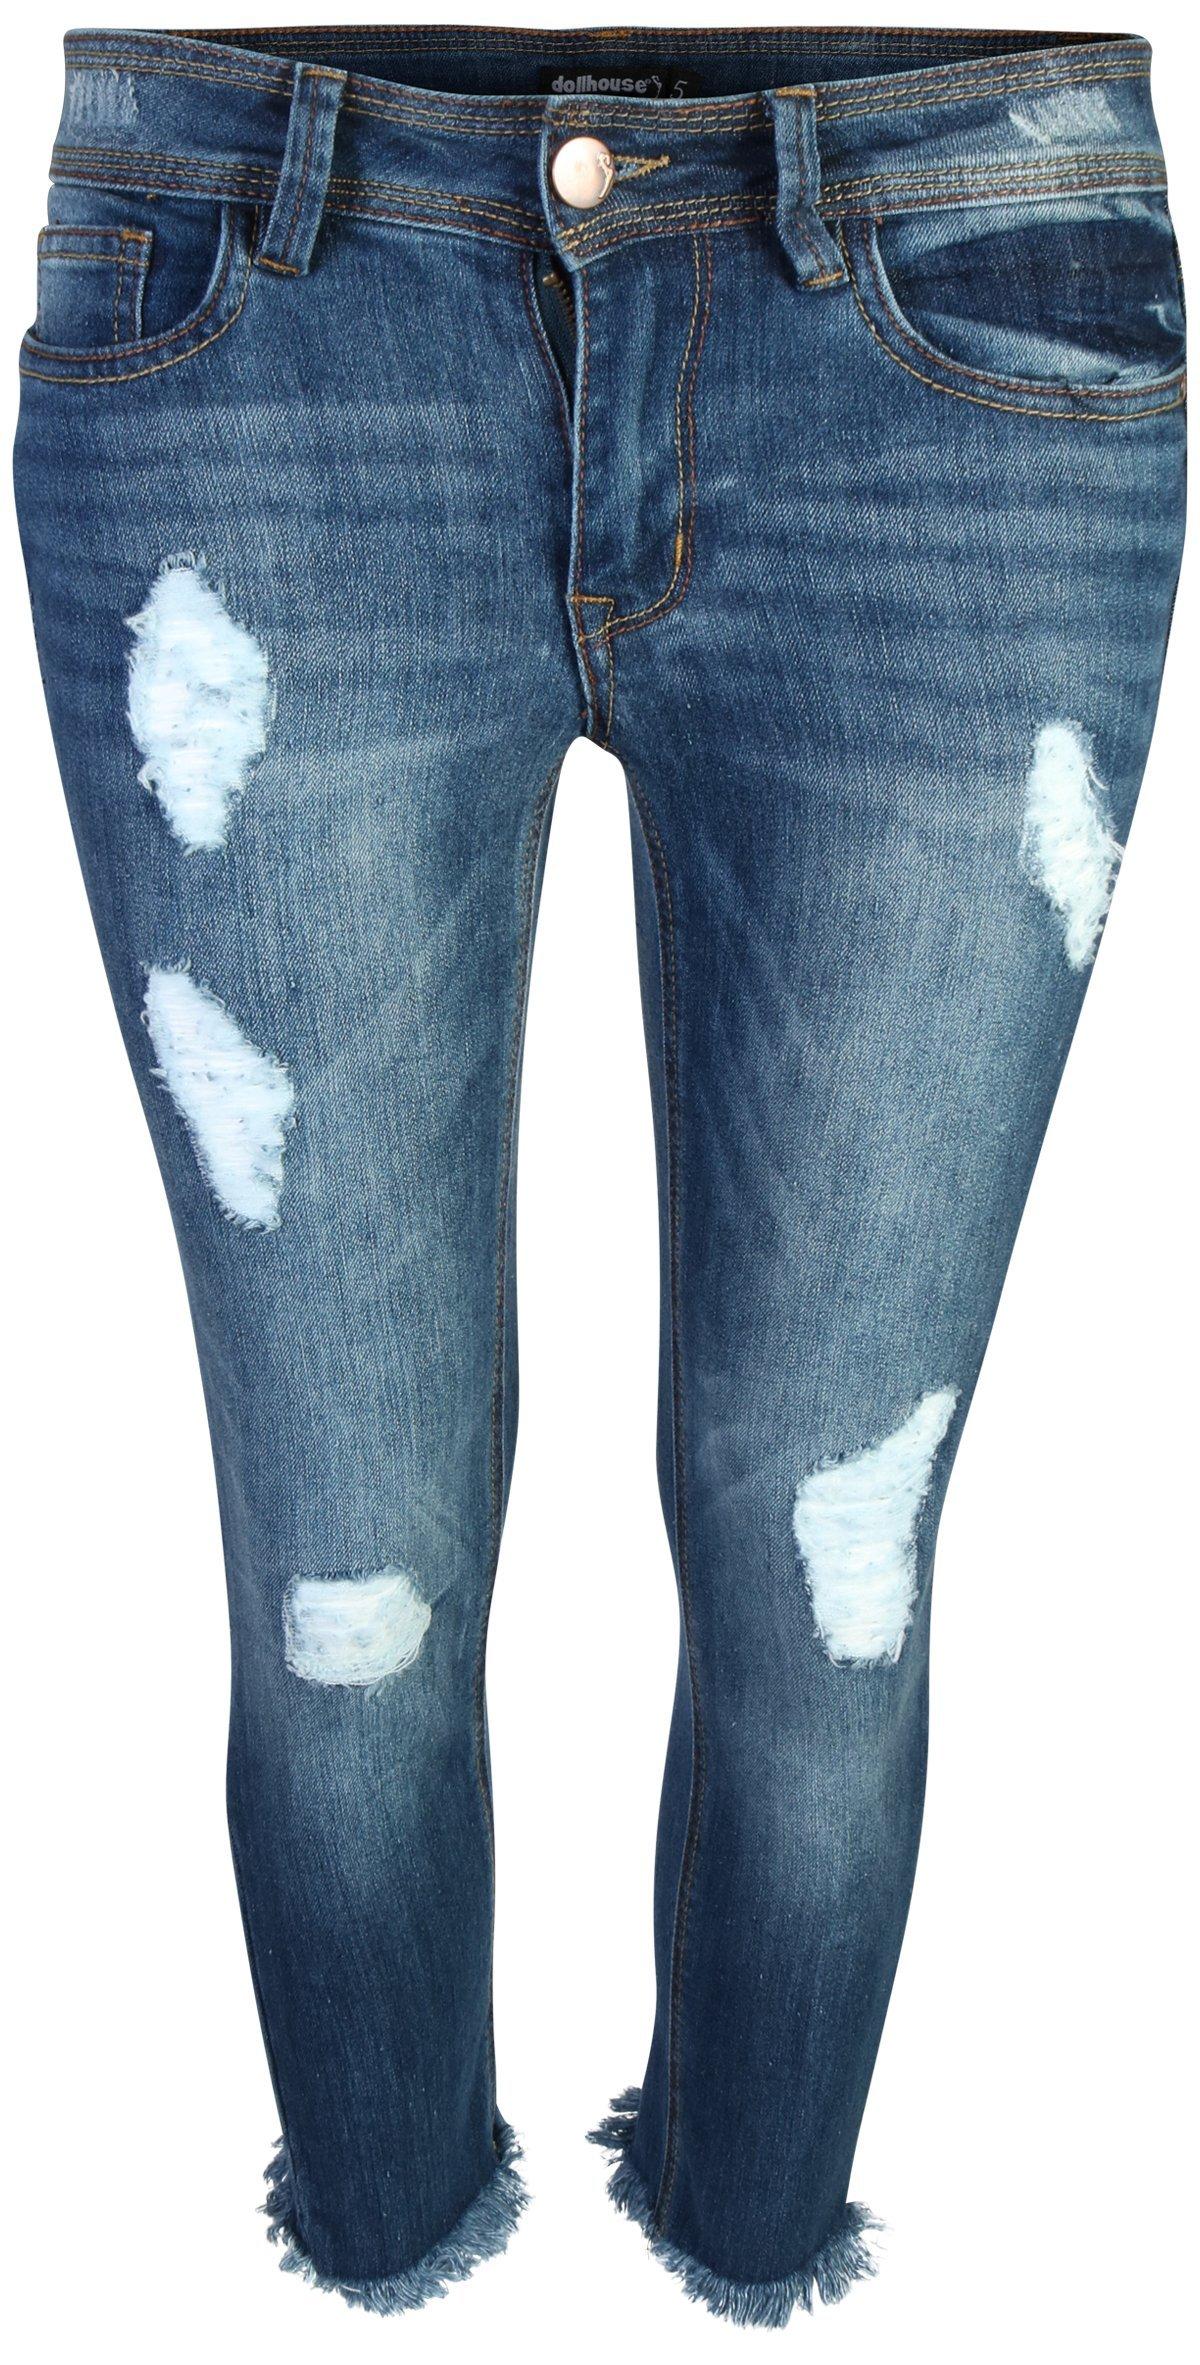 dollhouse Women's Distressed Stretch Frayed Hem Skinny Capri Jeans, Dark, Size 14'